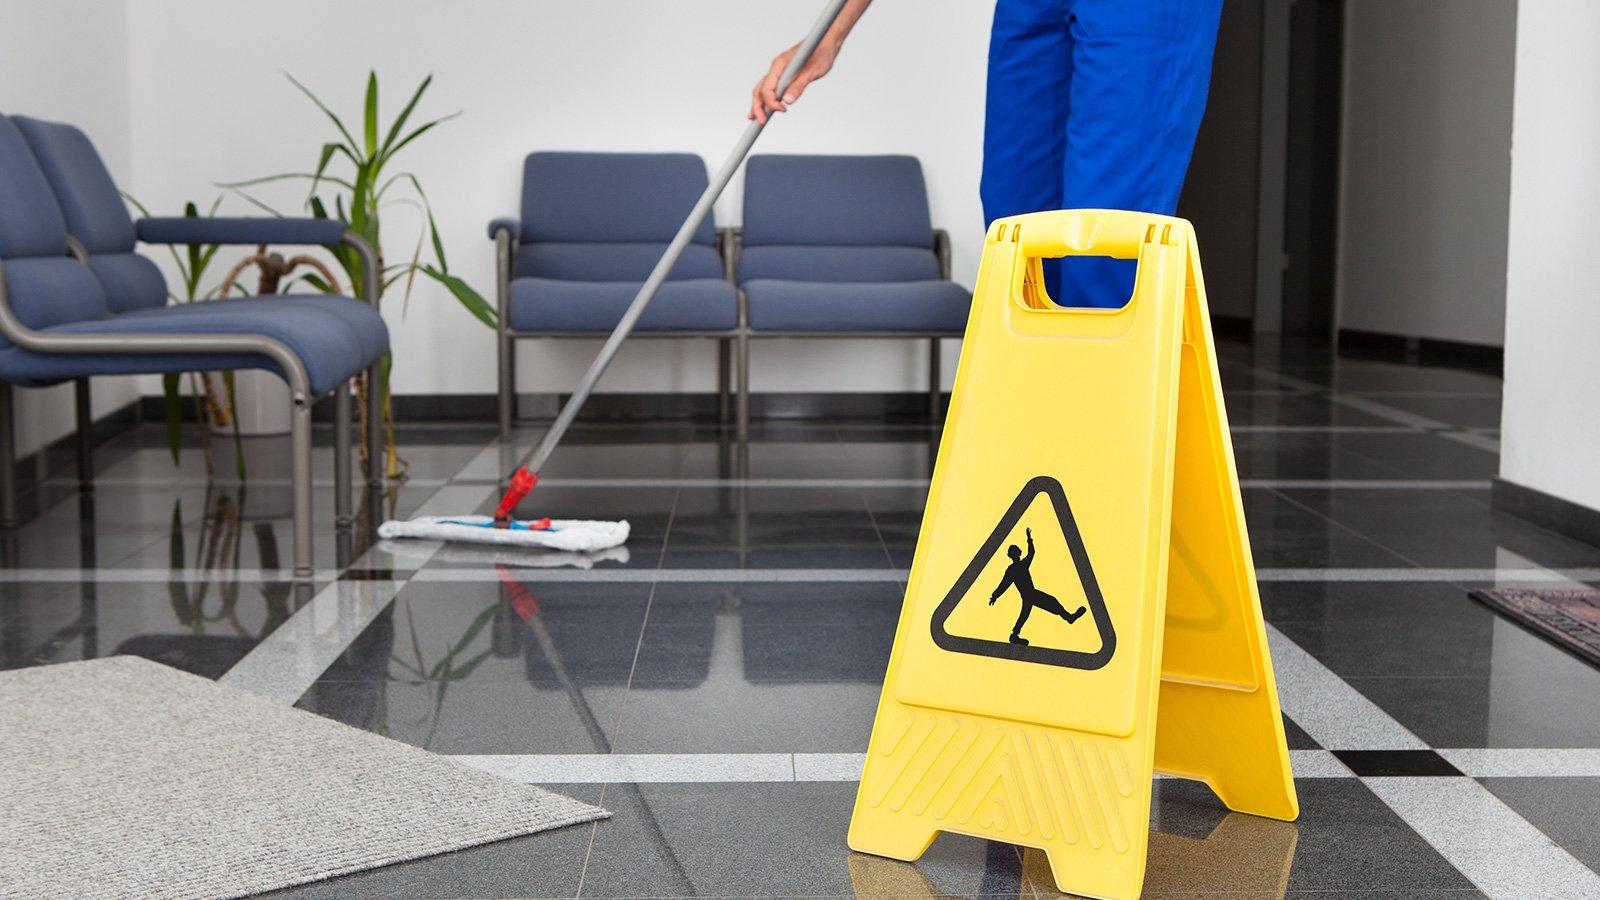 un inserviente che pulisce un pavimento con un mocio in microfibra e un cartello giallo che indica il pericolo di poter scivolare